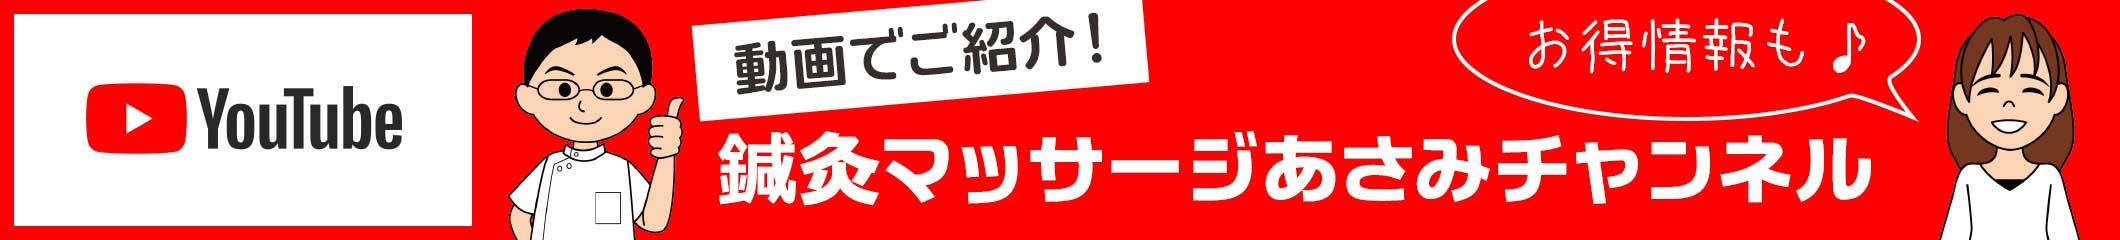 YouTube 鍼灸マッサージあさみチャンネル